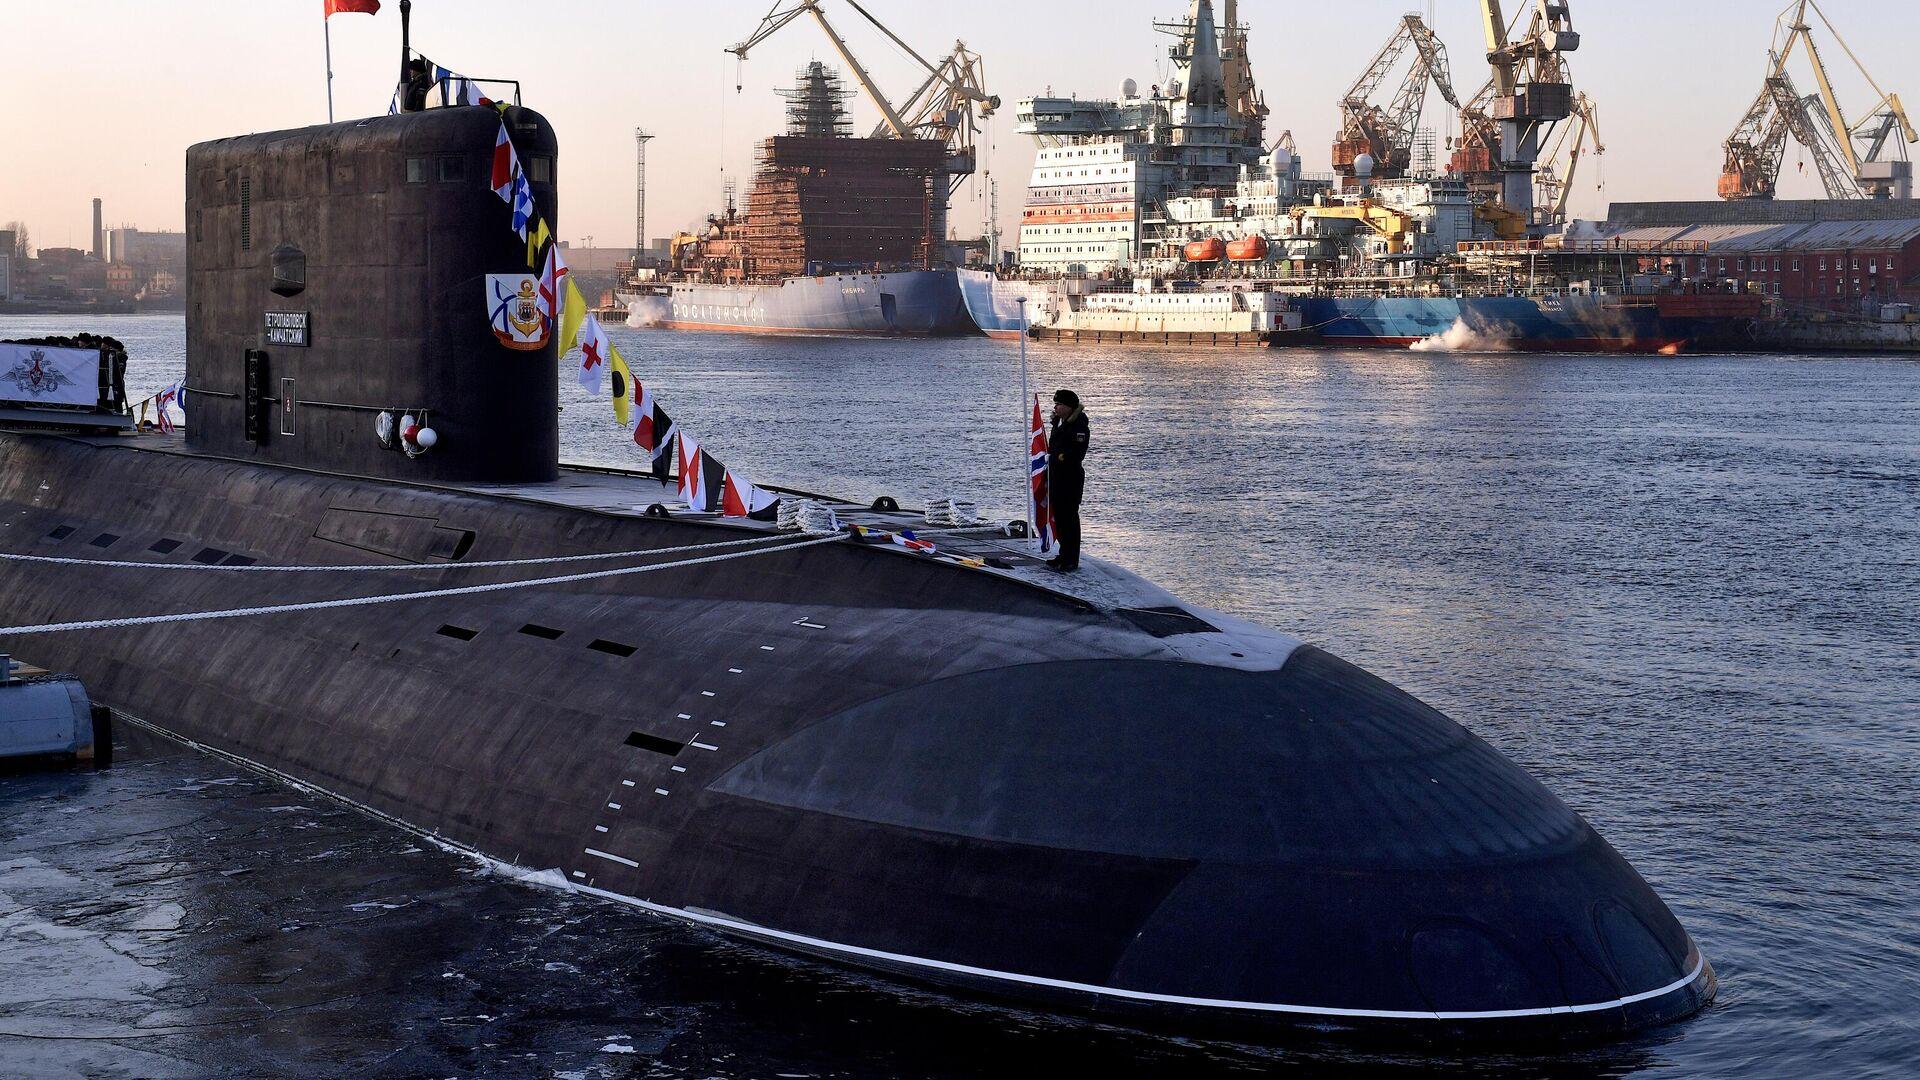 Дизель-электрическая подводная лодка Петропавловск-Камчатский - РИА Новости, 1920, 28.08.2020